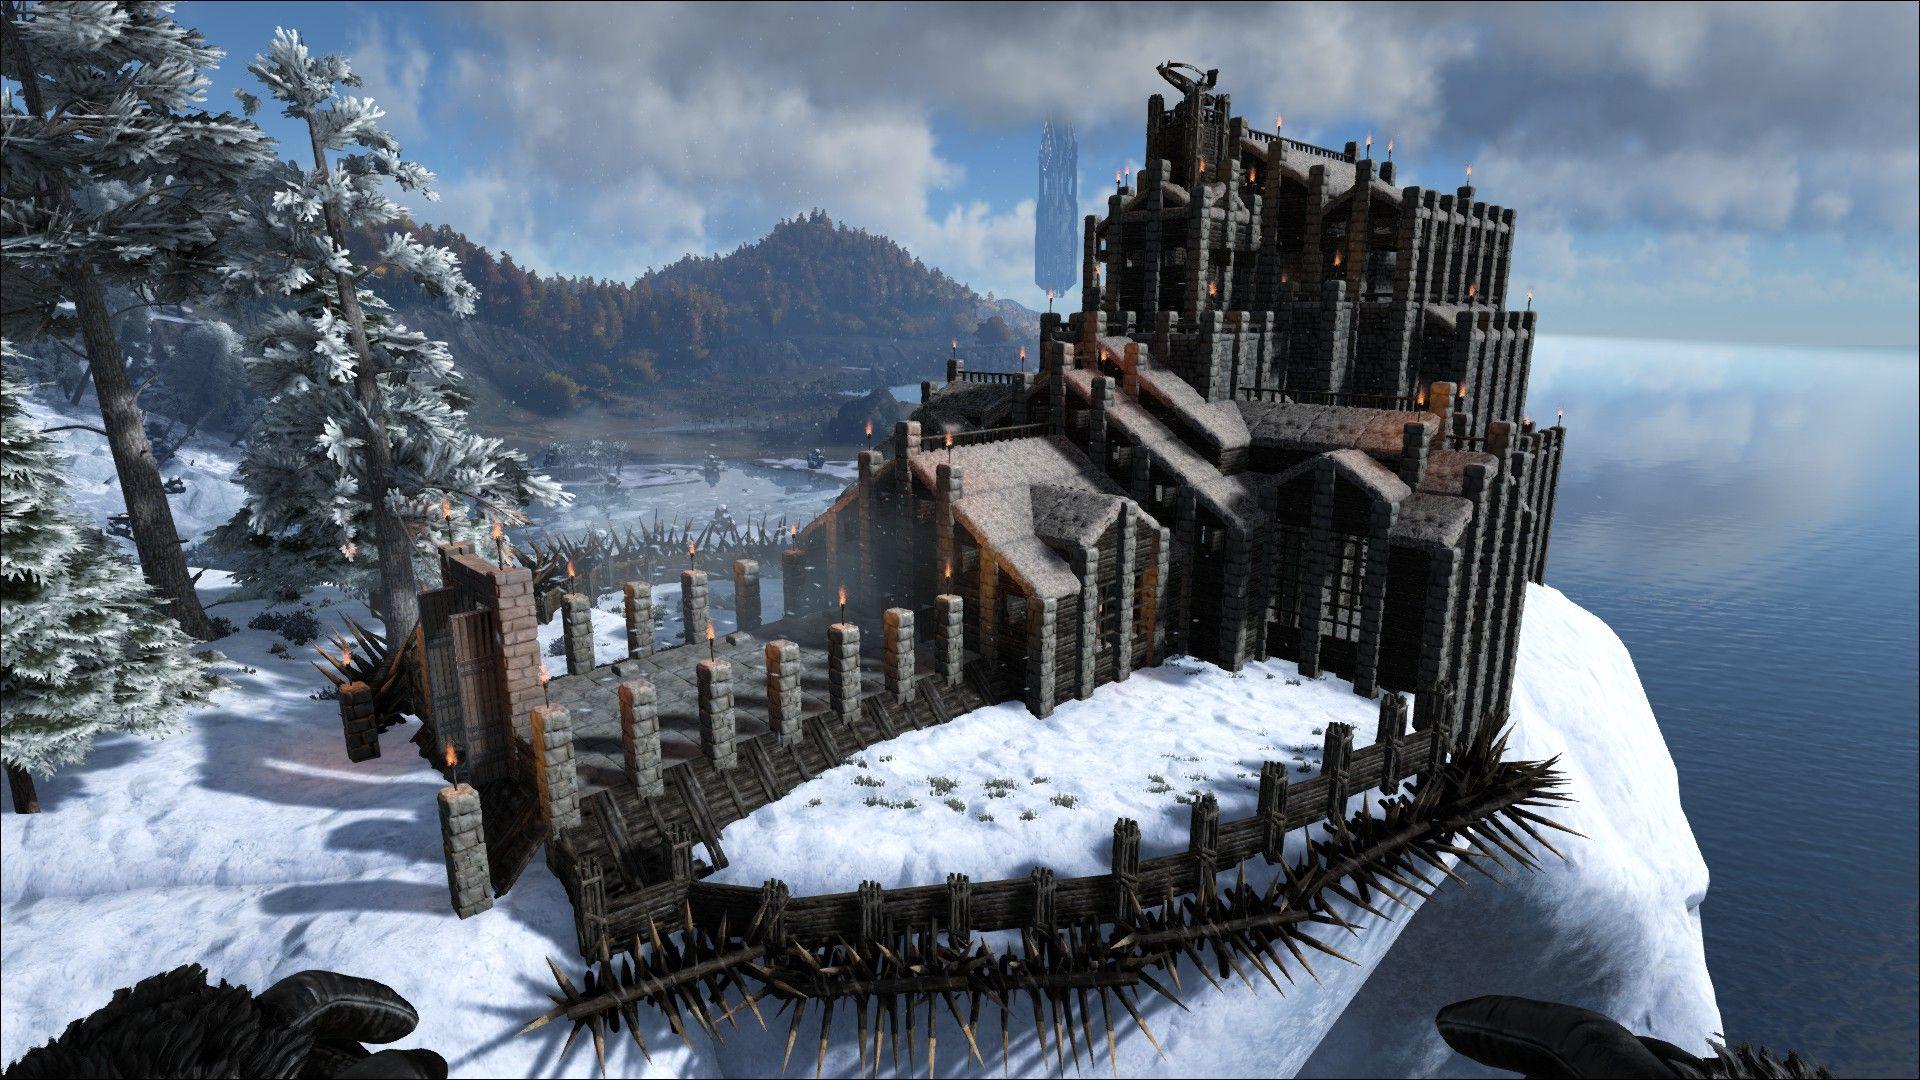 Pin By Krazymistere 101 On Ark Survival Evolved Ark Survival Evolved Ark Survival Evolved Bases Game Ark Survival Evolved